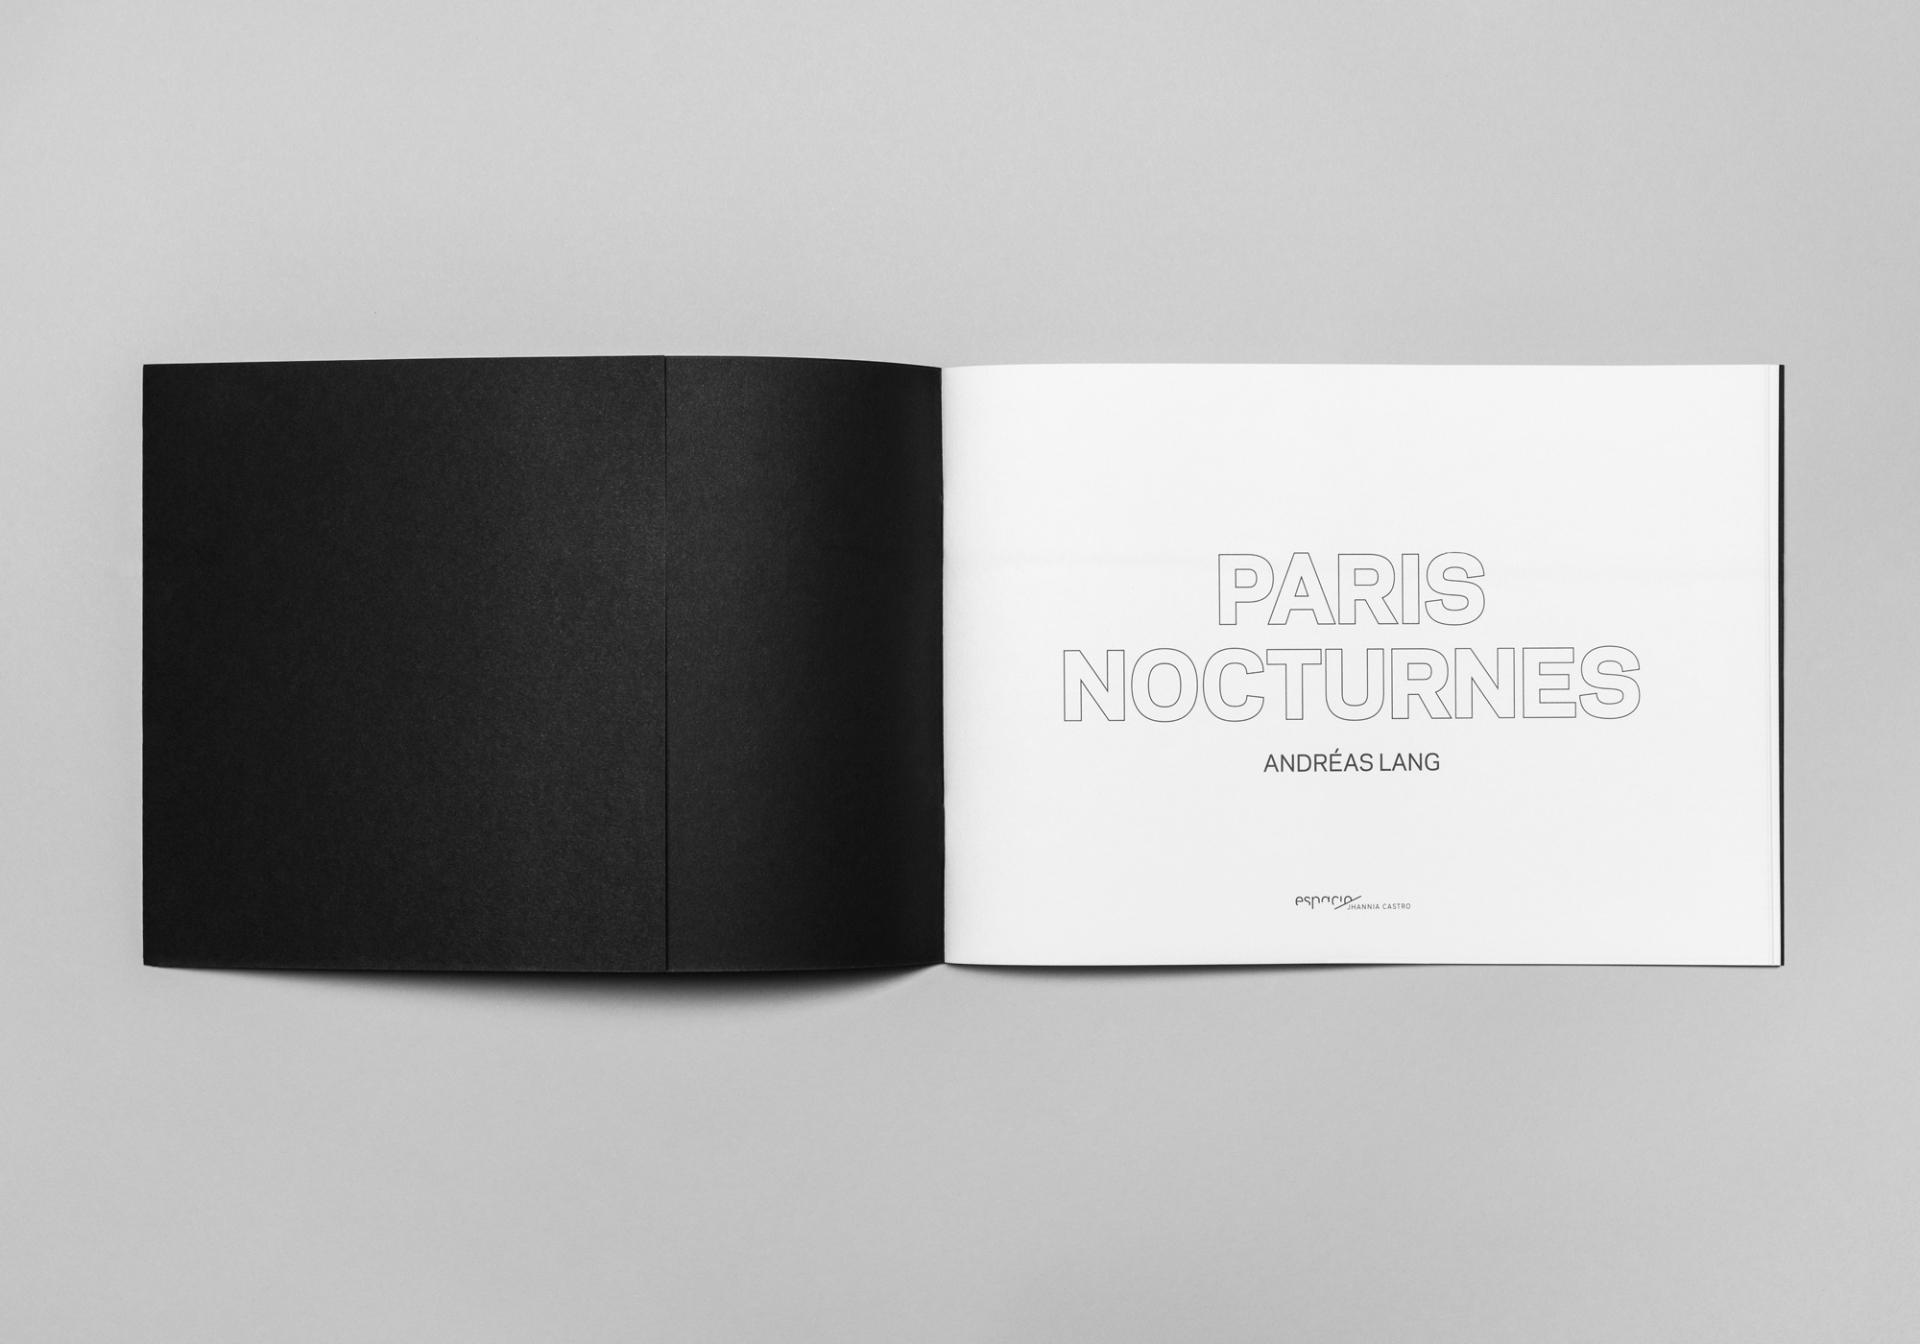 Paris Nocturnes Image:1 dobra-alang-02